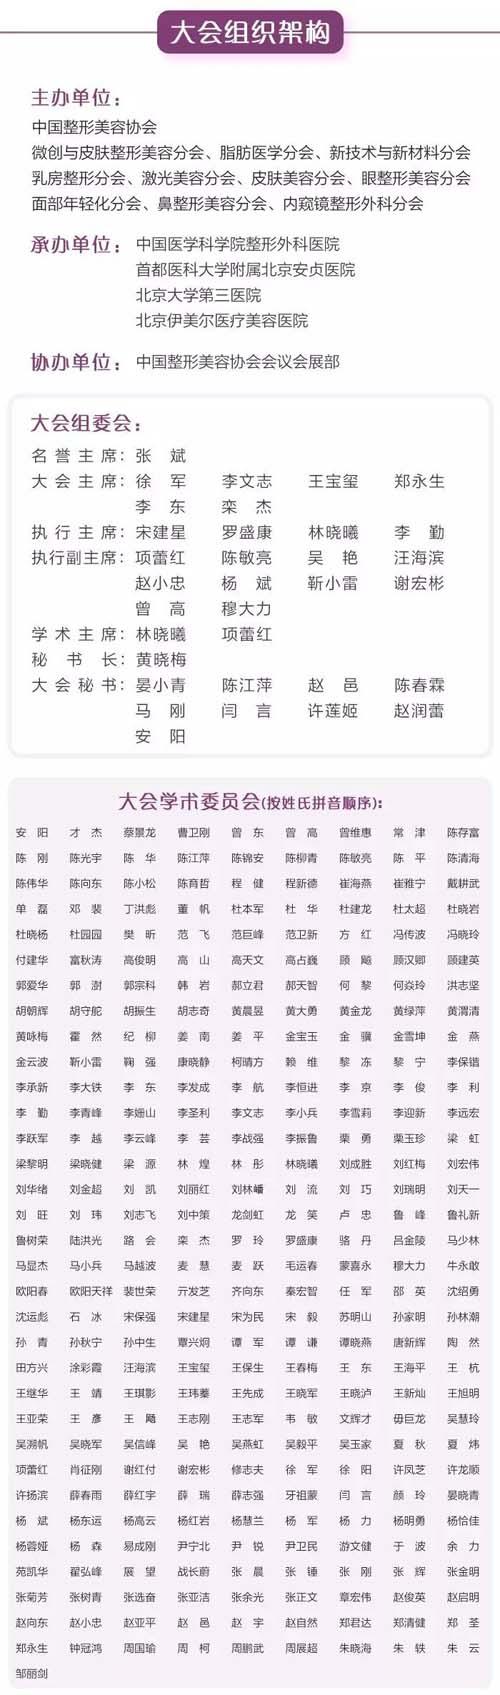 第九届全国微创医学美容大会于9月在北京召开